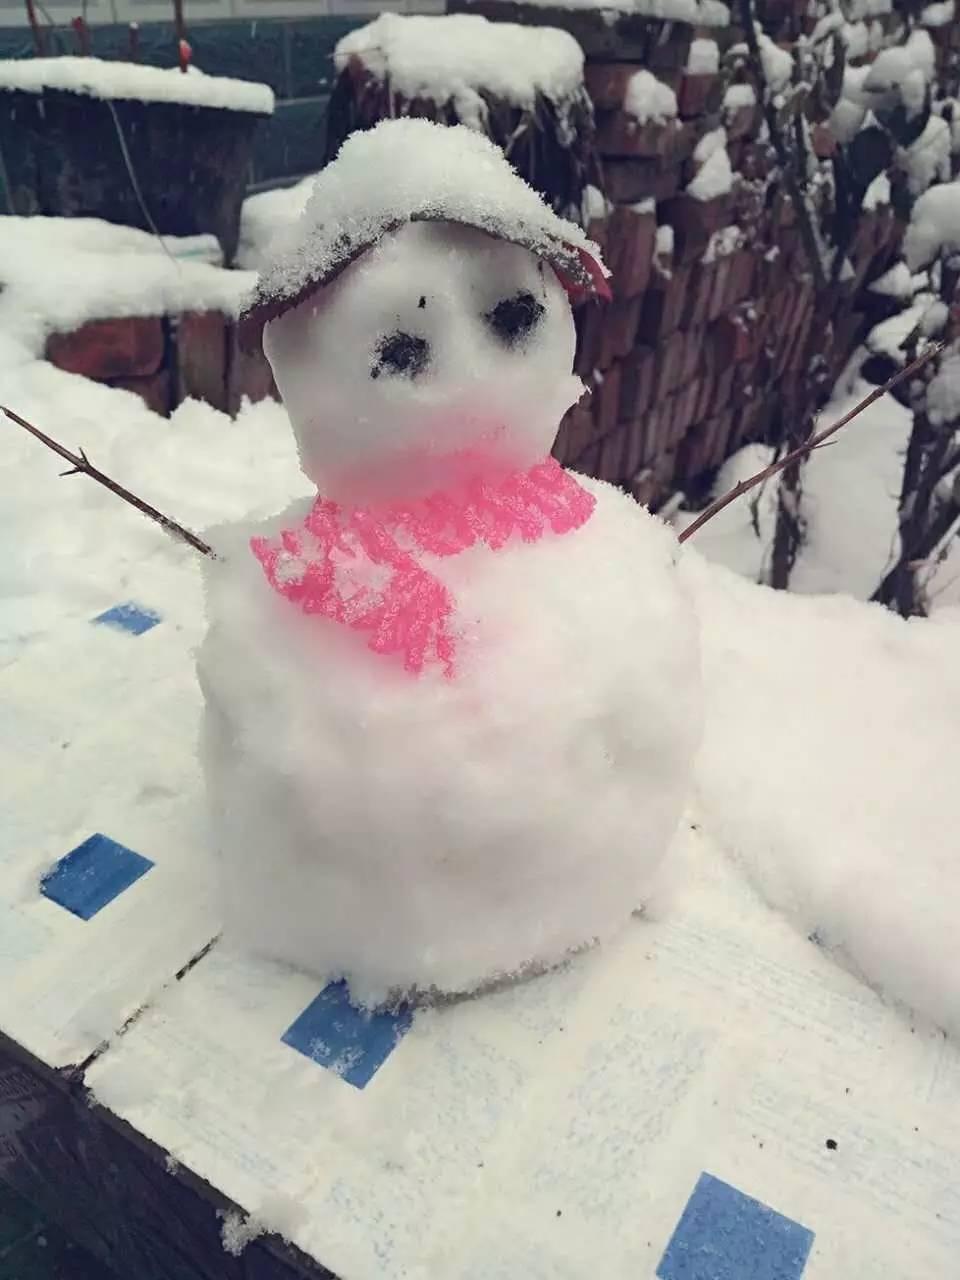 雪中情,唯有与你同行|雪地|雪中情|小脚印_新浪育儿